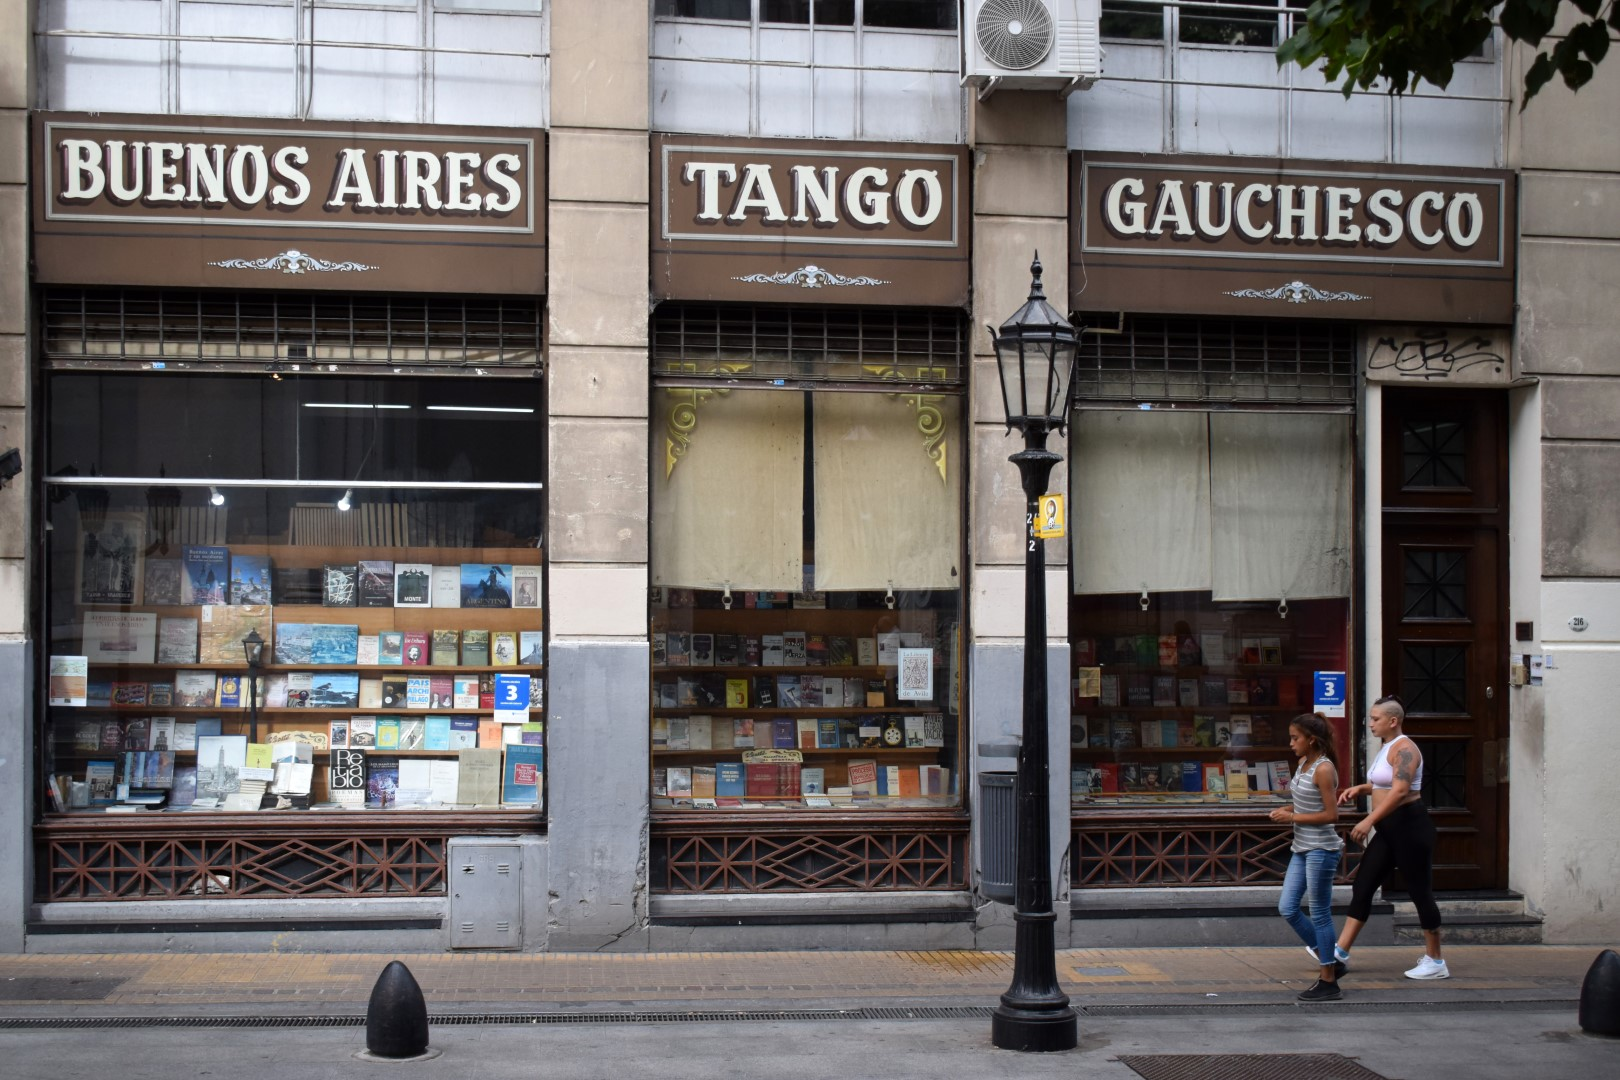 Calle Adolfo Alsina, San Telmo, Buenos Aires